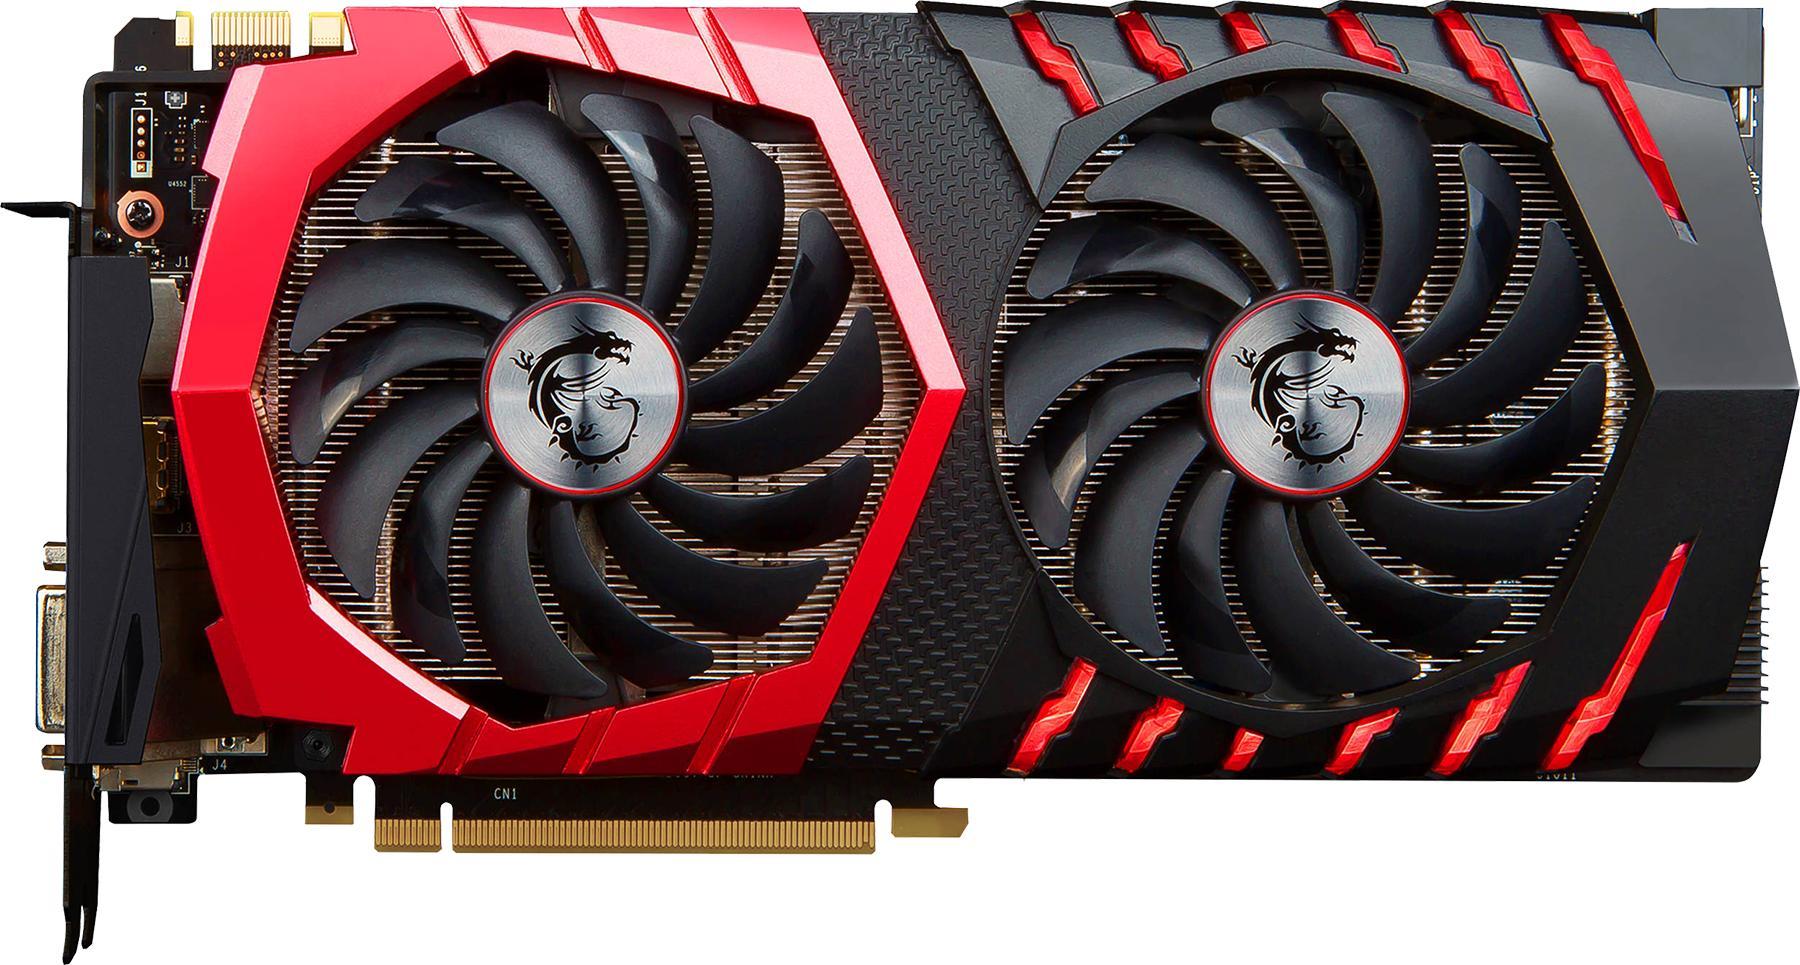 MSI GeForce GTX 1080 Gaming